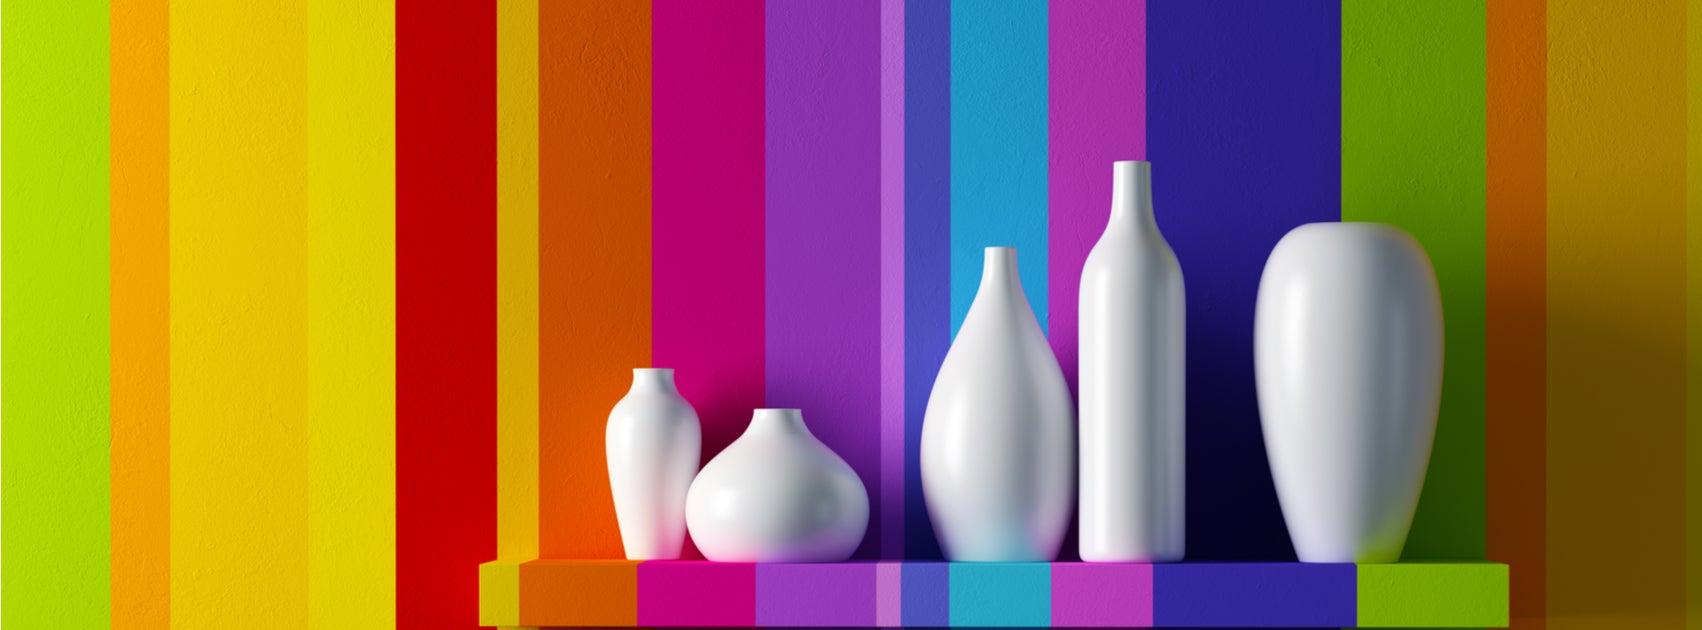 Pop Art en decoración: todo lo que necesitas saber